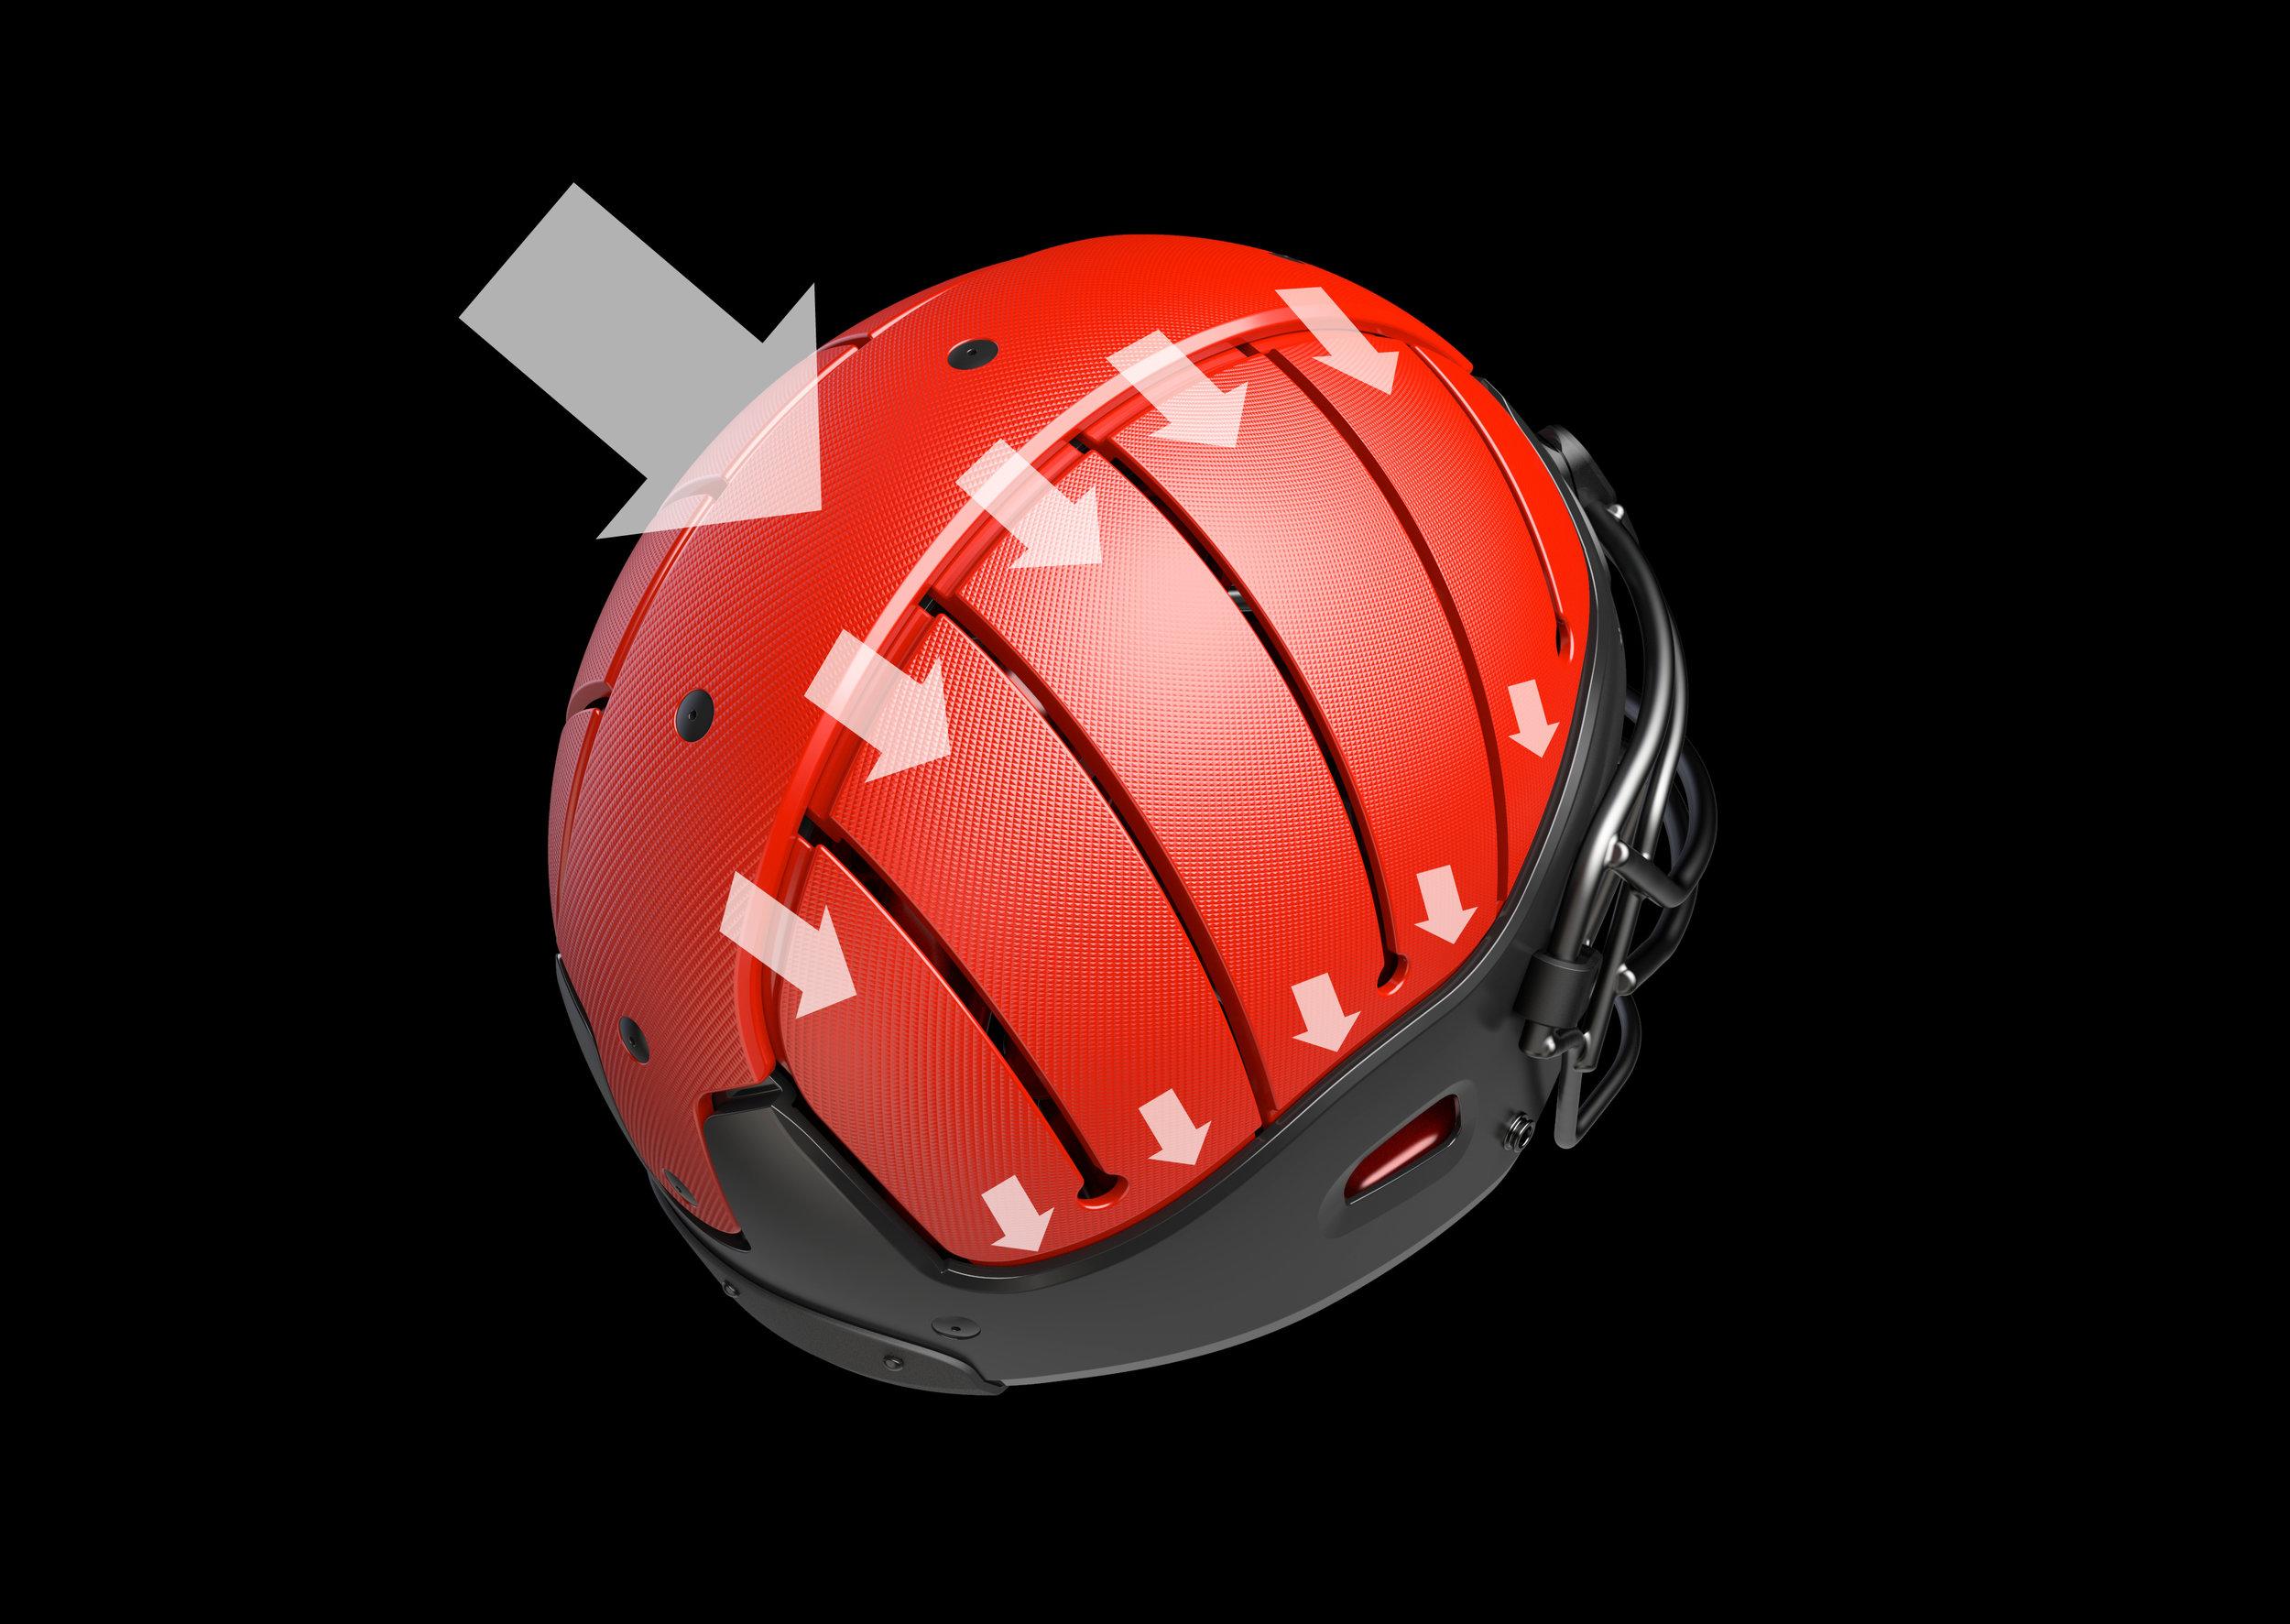 helmet-force-arrows.jpg